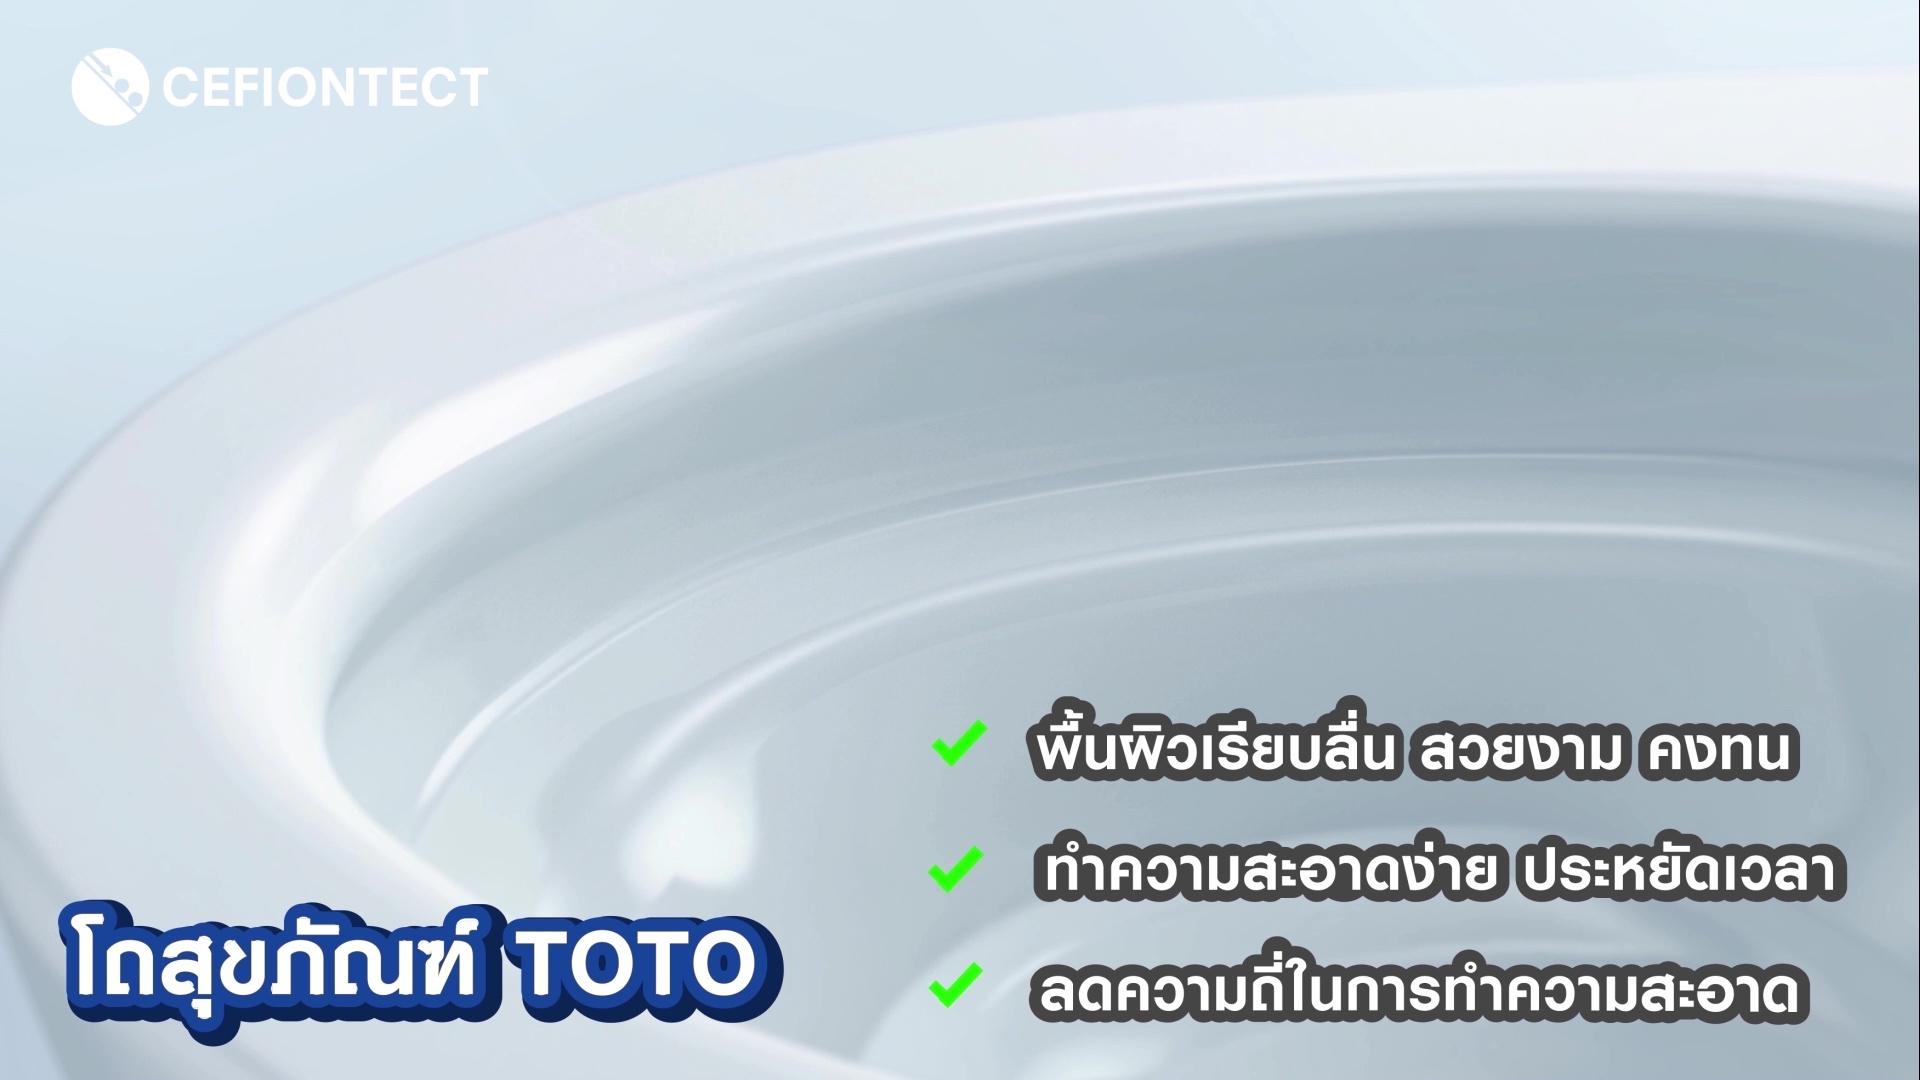 เทคโนโลยี สารเคลือบ CEFIONTECT จาก TOTO